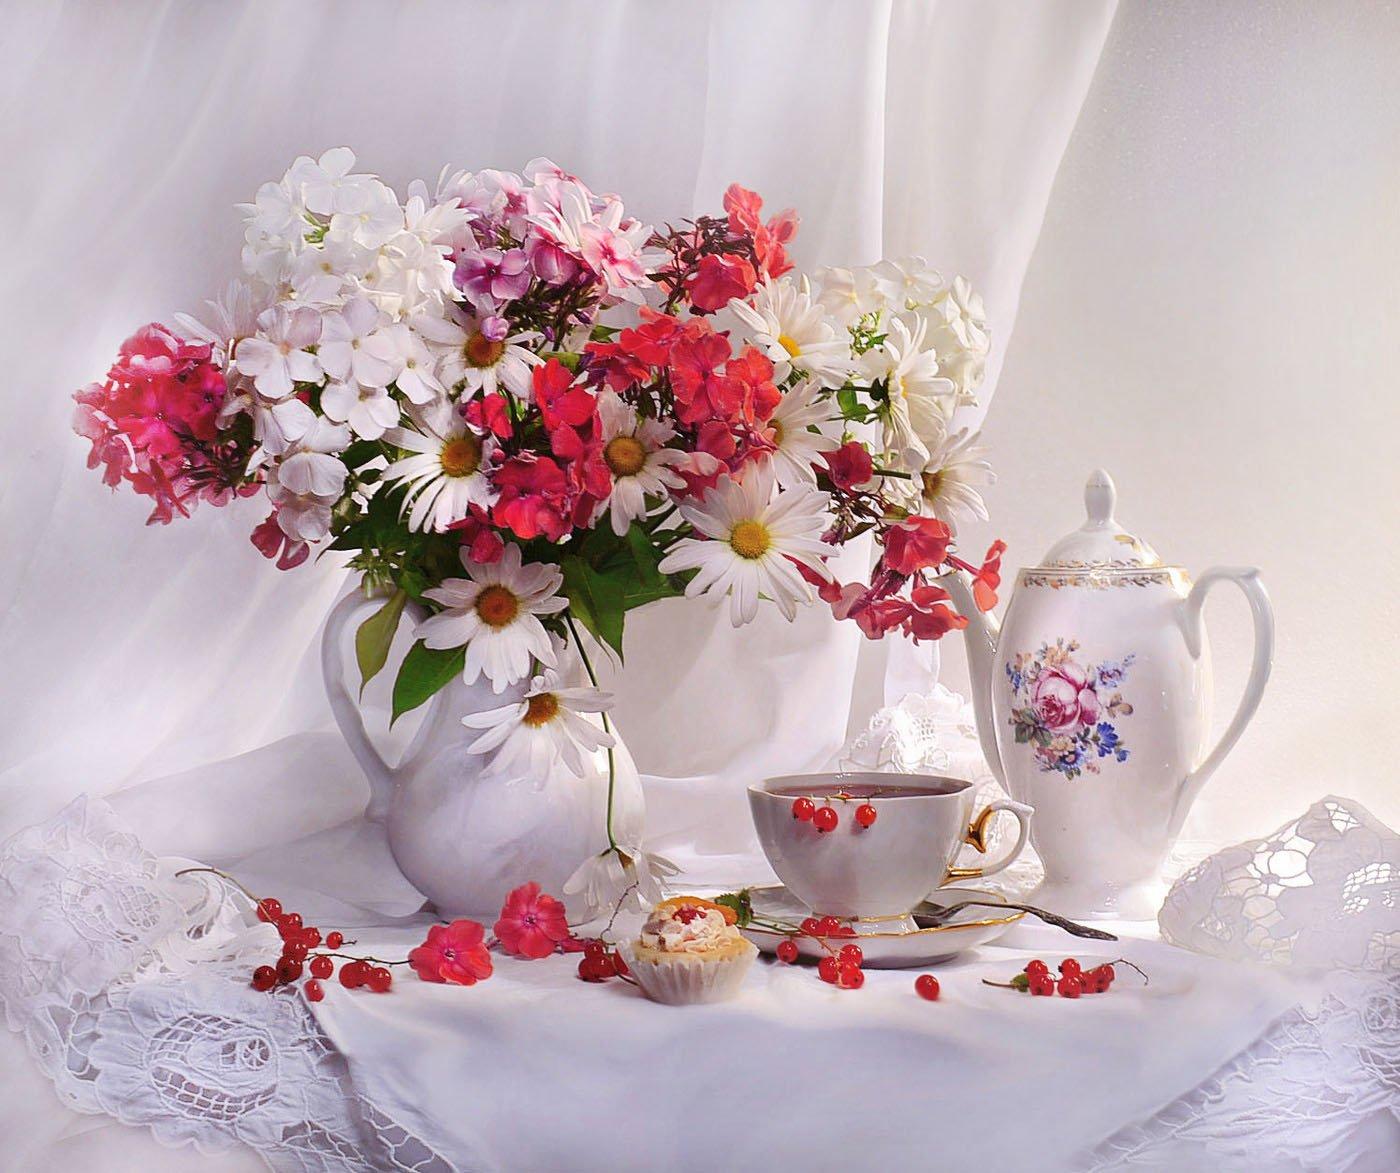 still life, натюрморт, апрель, весна, день рождения, натюрморт, поздравление, фото натюрморт, цветы, Колова Валентина